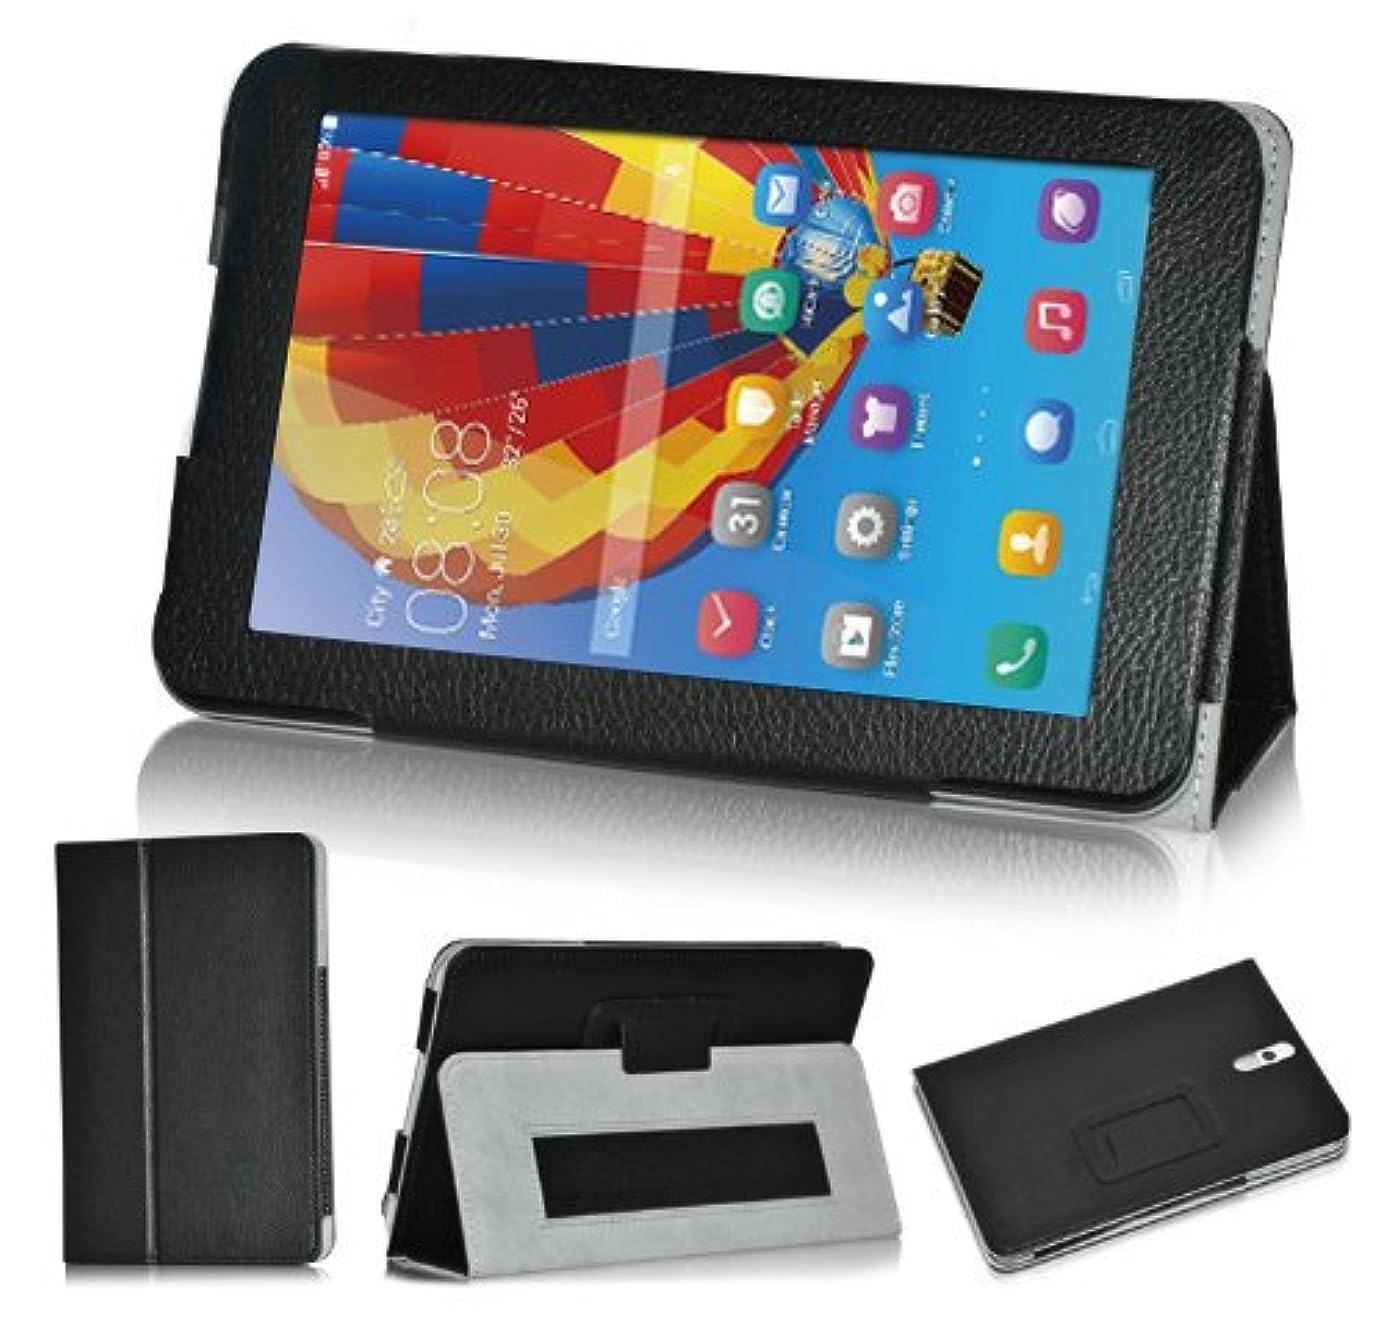 頼む少なくとも合わせてwisers 保護フィルム?タッチペン付 Huawei MediaPad 7 Youth2 / 勉強サプリ タブレット 専用 ケース カバー ブラック